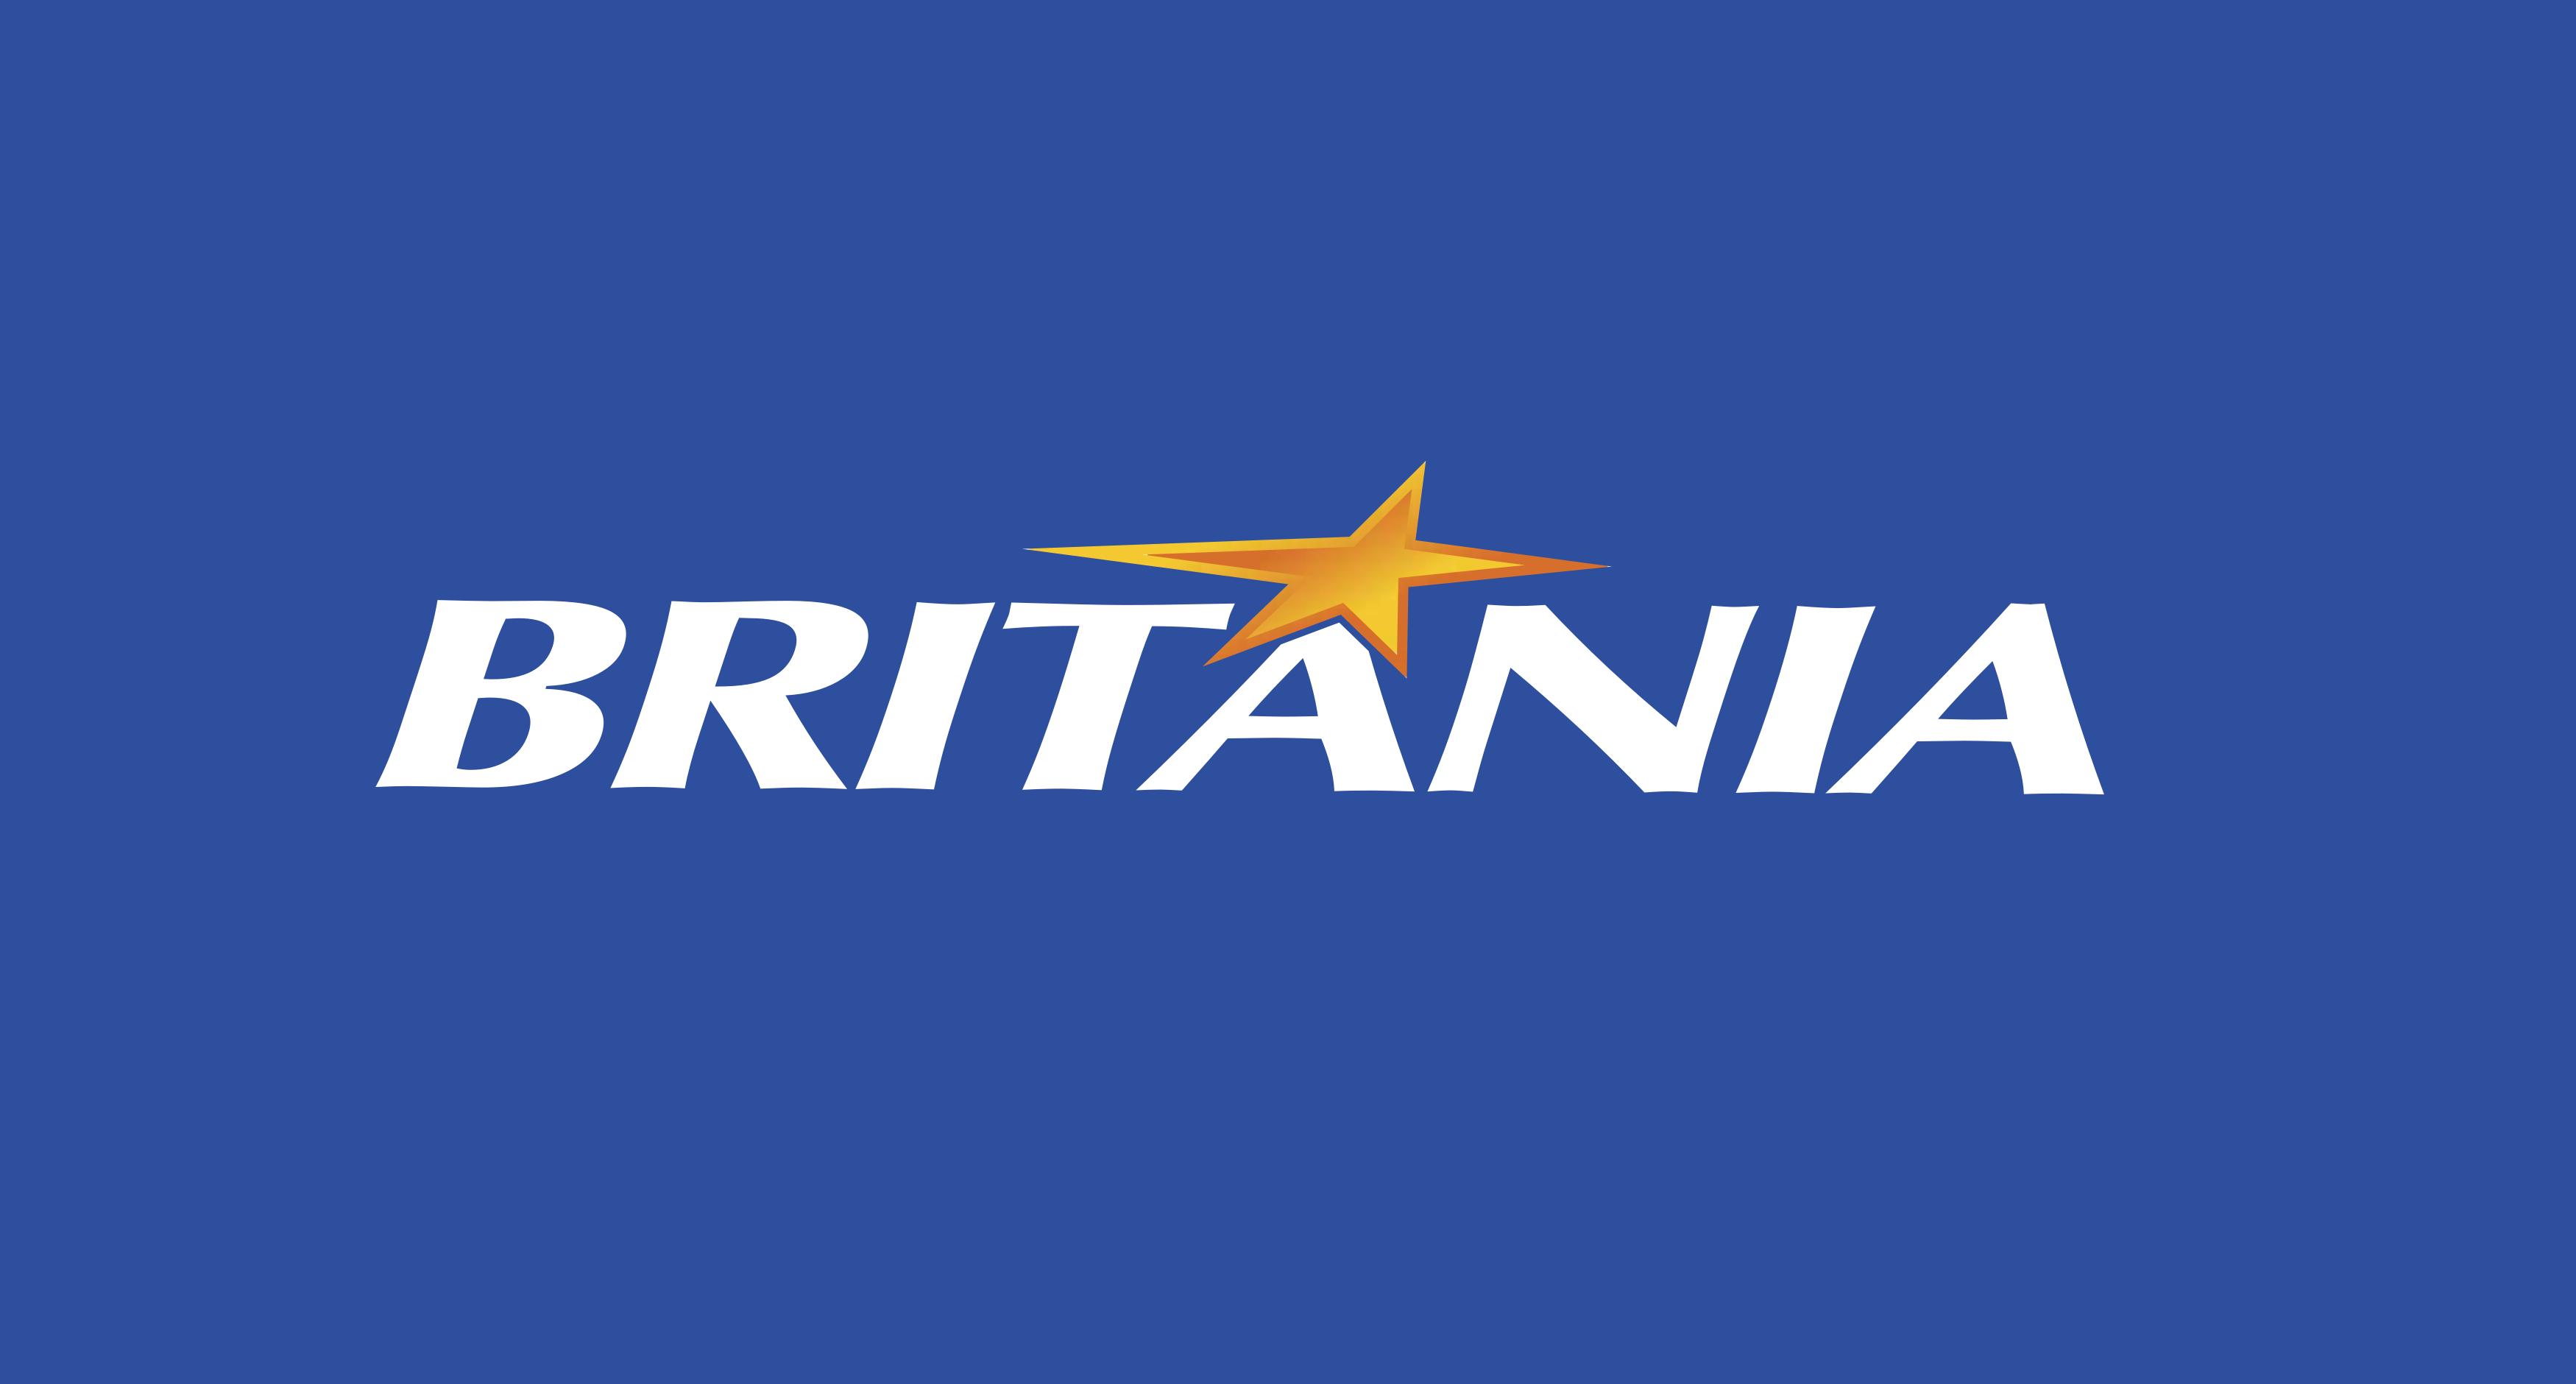 britania logo 9 - Britânia Eletrodomésticos Logo